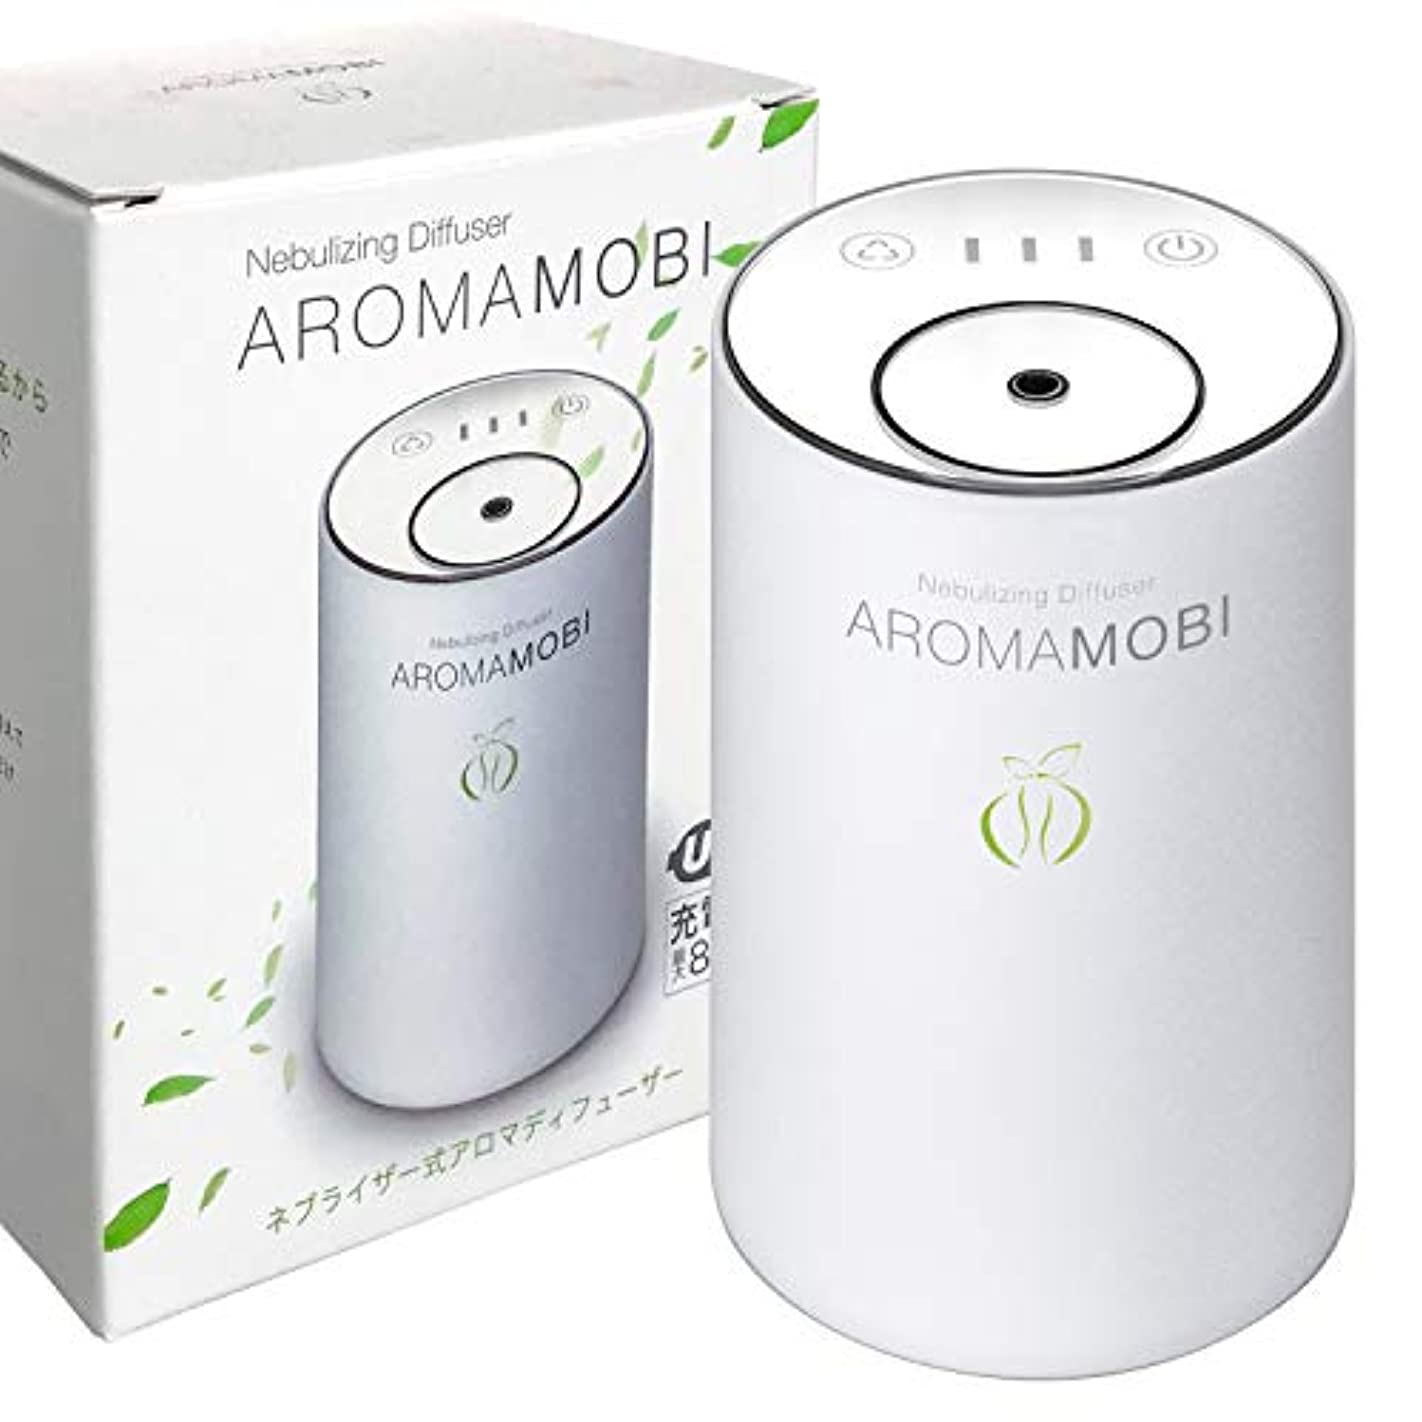 メールを書く世界記録のギネスブックなめらかなfunks AROMA MOBI 充電式 アロマディフューザー ネブライザー式 ホワイト